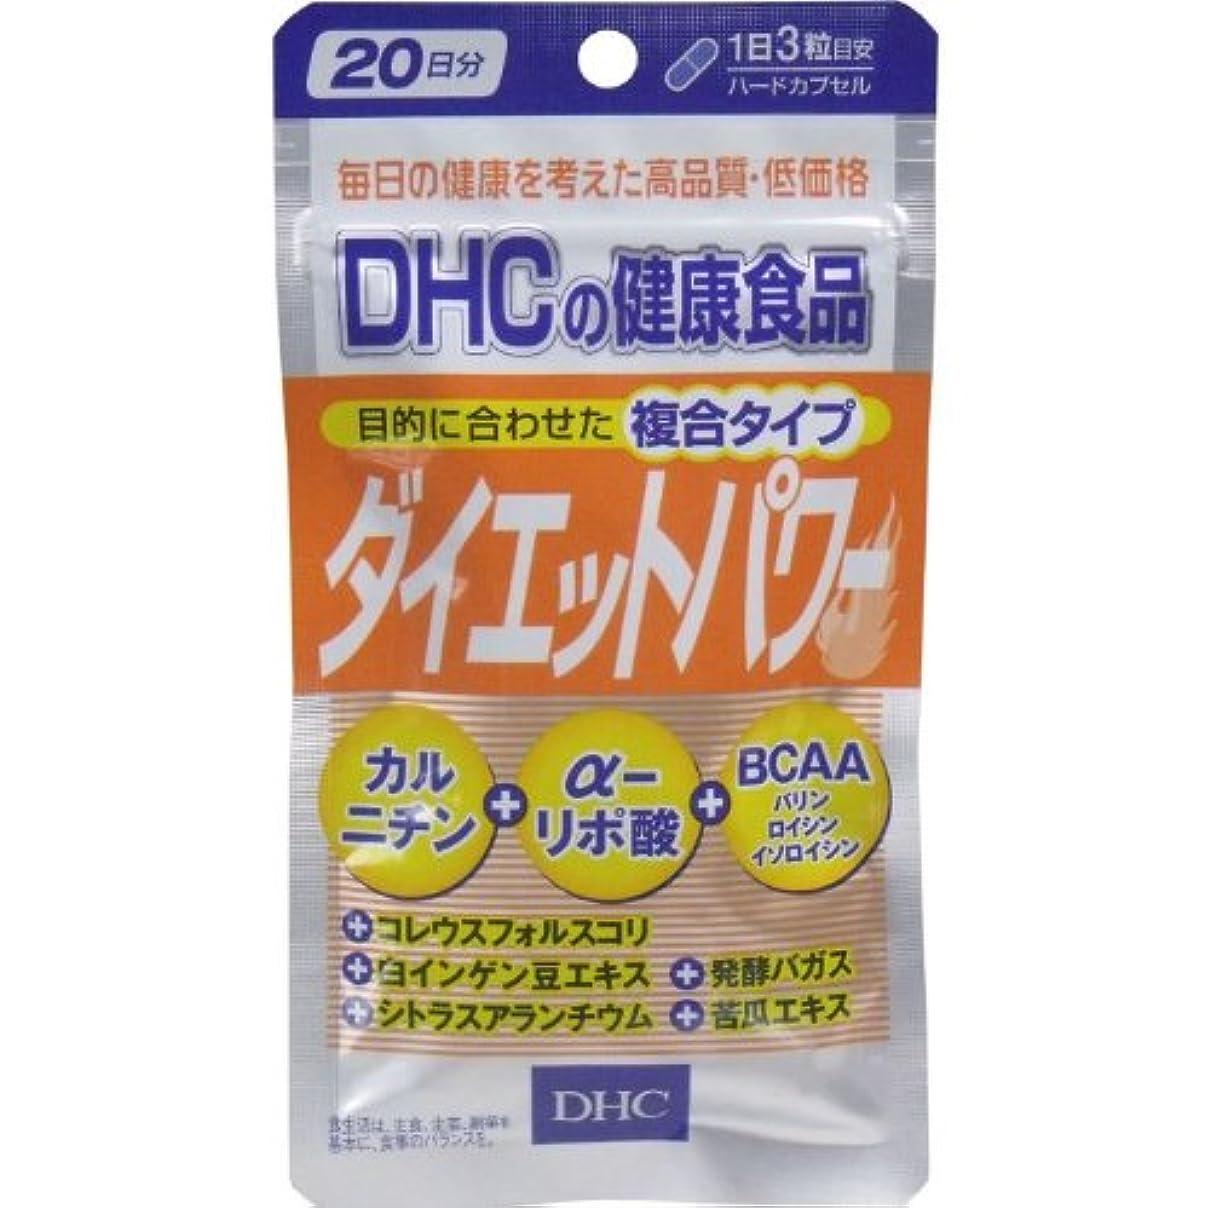 パンチドームオープニングDHC ダイエットパワー 60粒入 20日分「3点セット」